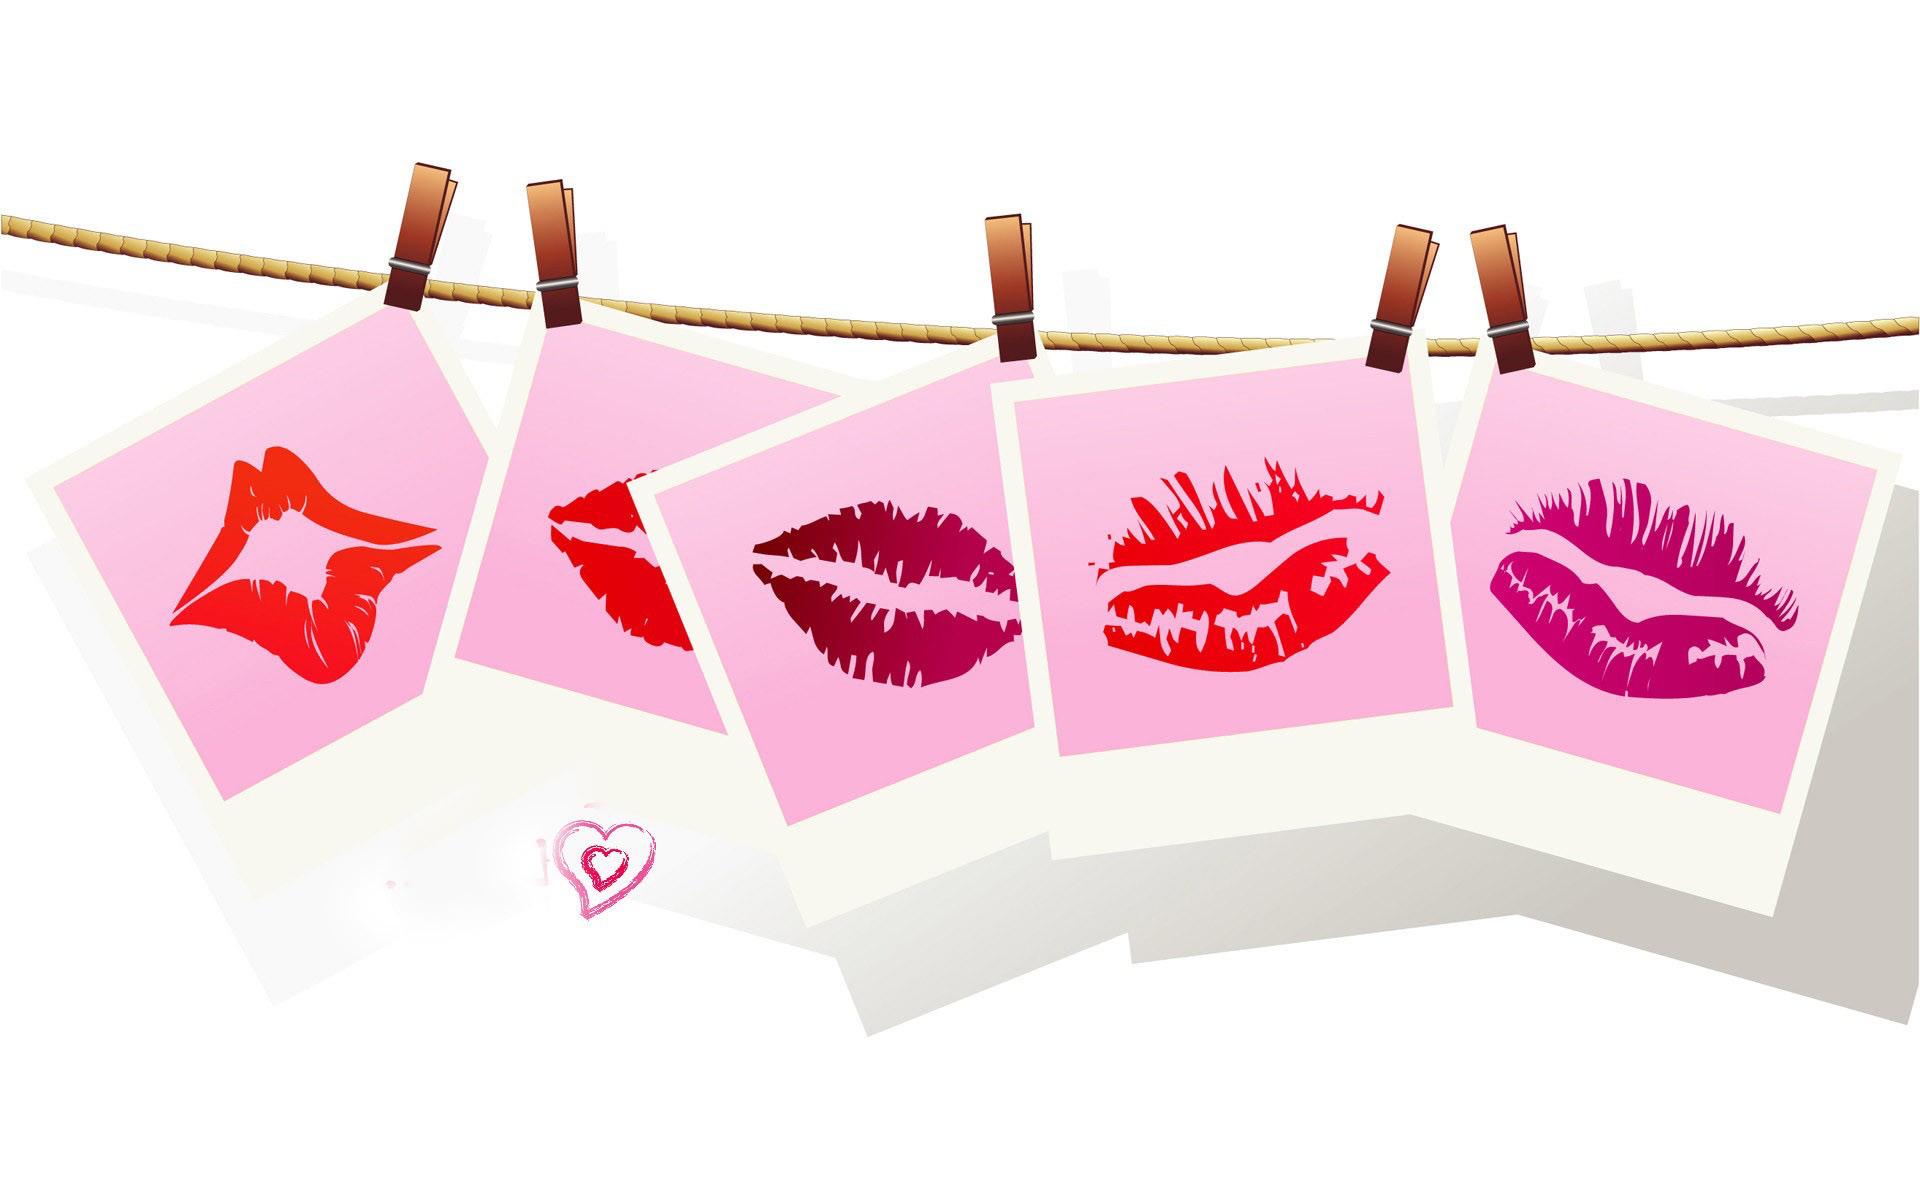 Astăzi, 6 iulie, este Ziua Internațională a Sărutului